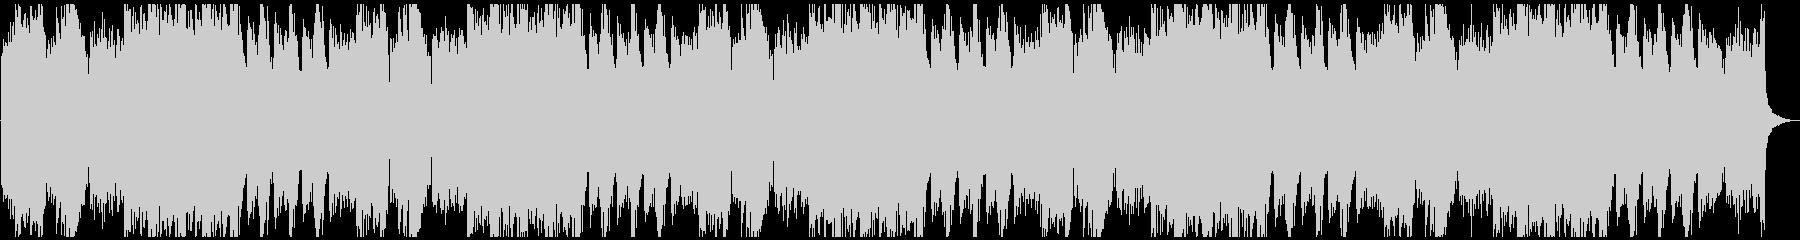 ハイテンポでシリアスな超絶技巧ピアノソロの未再生の波形